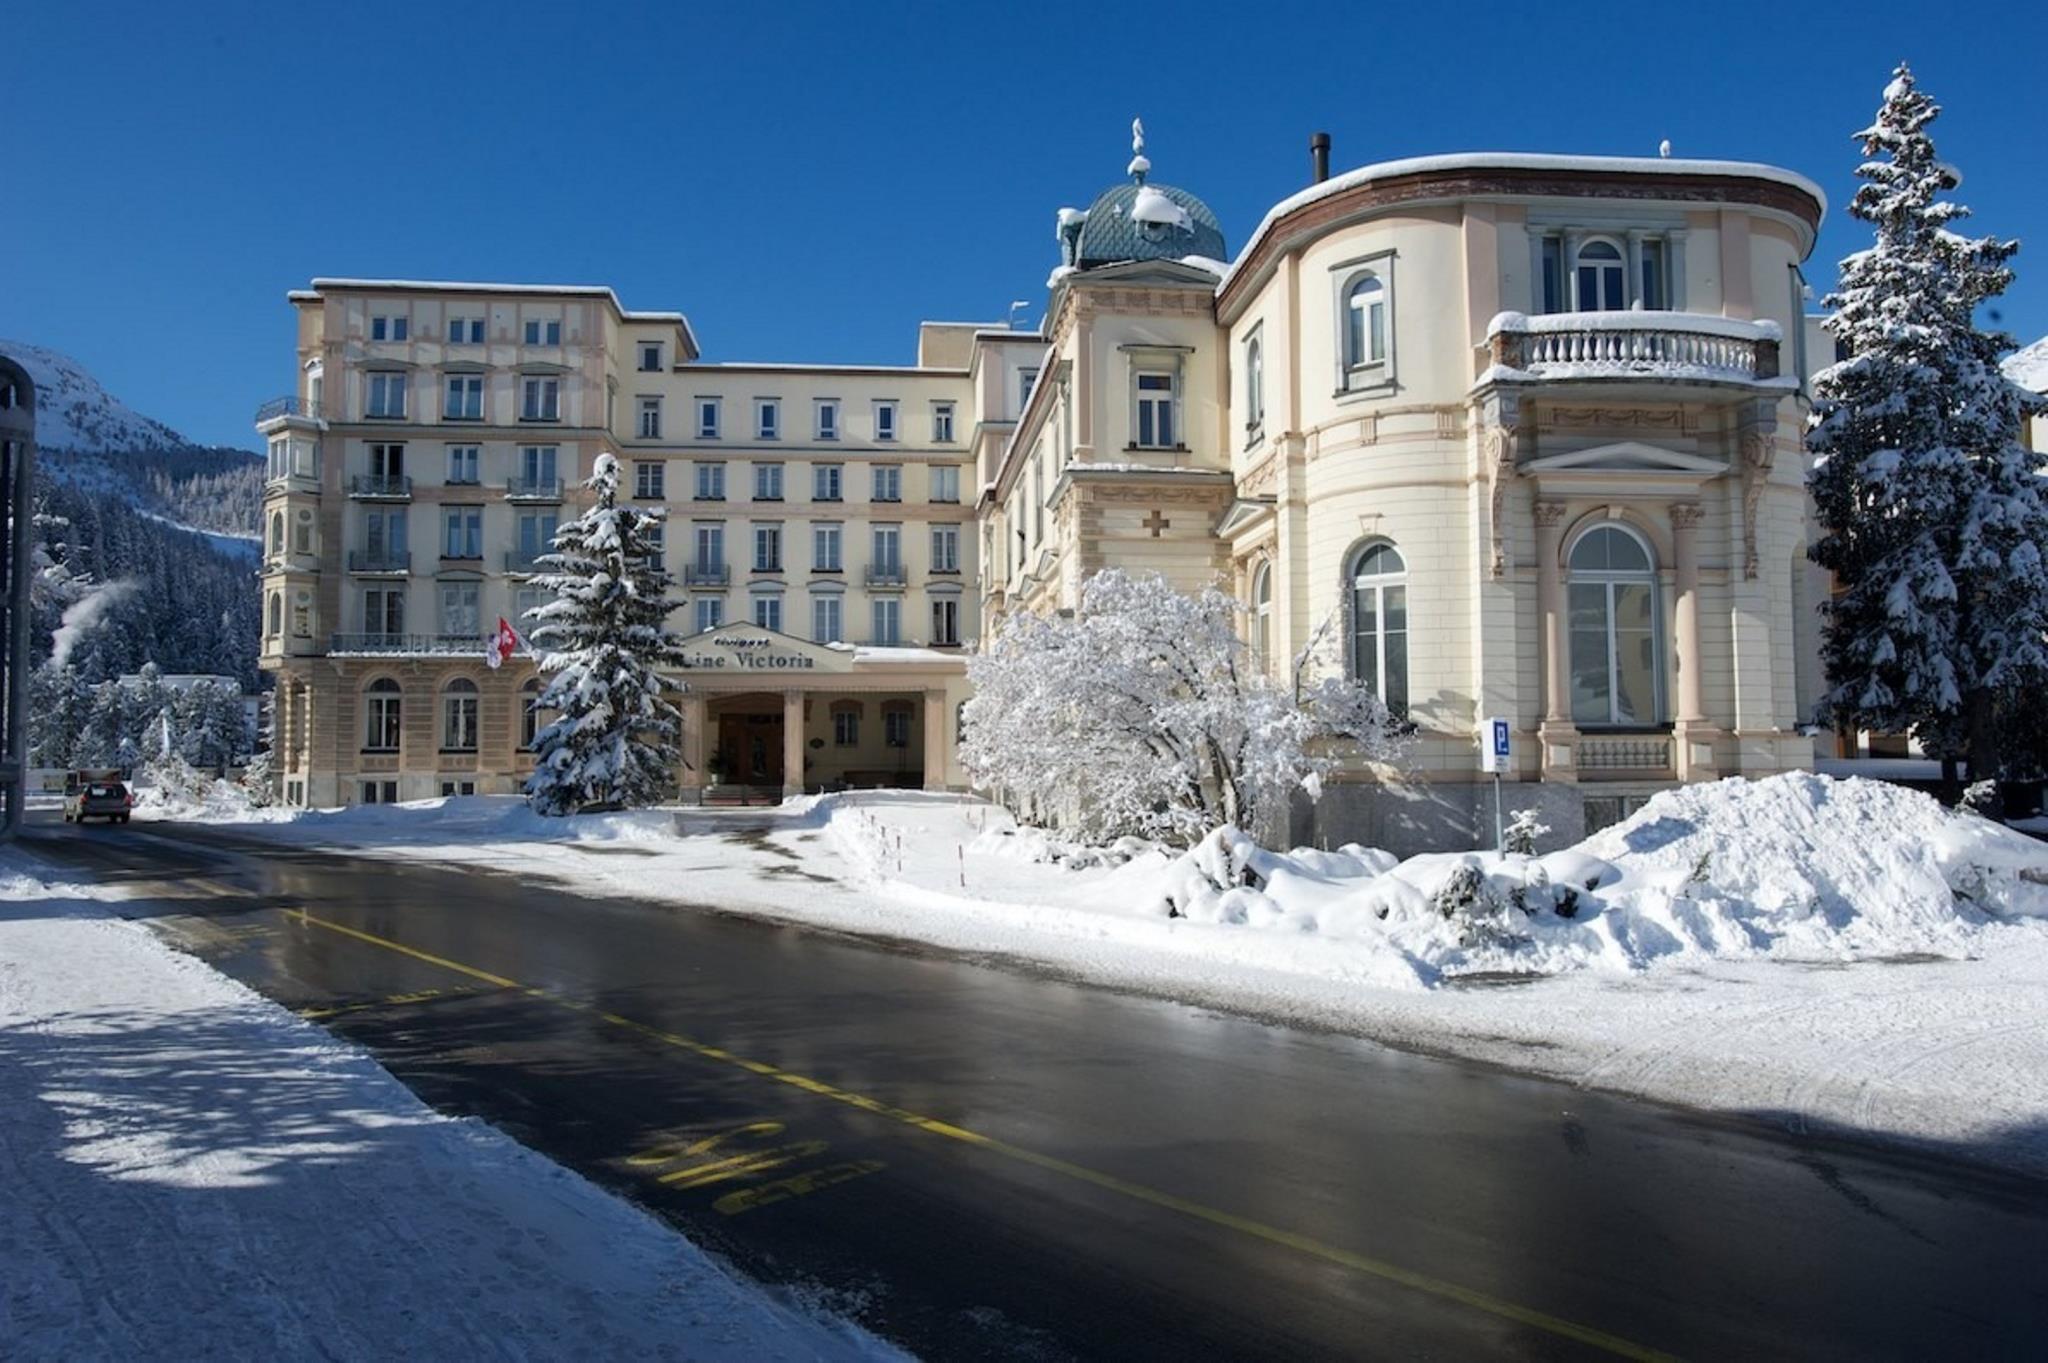 Hotel Reine Victoria Saint Moritz